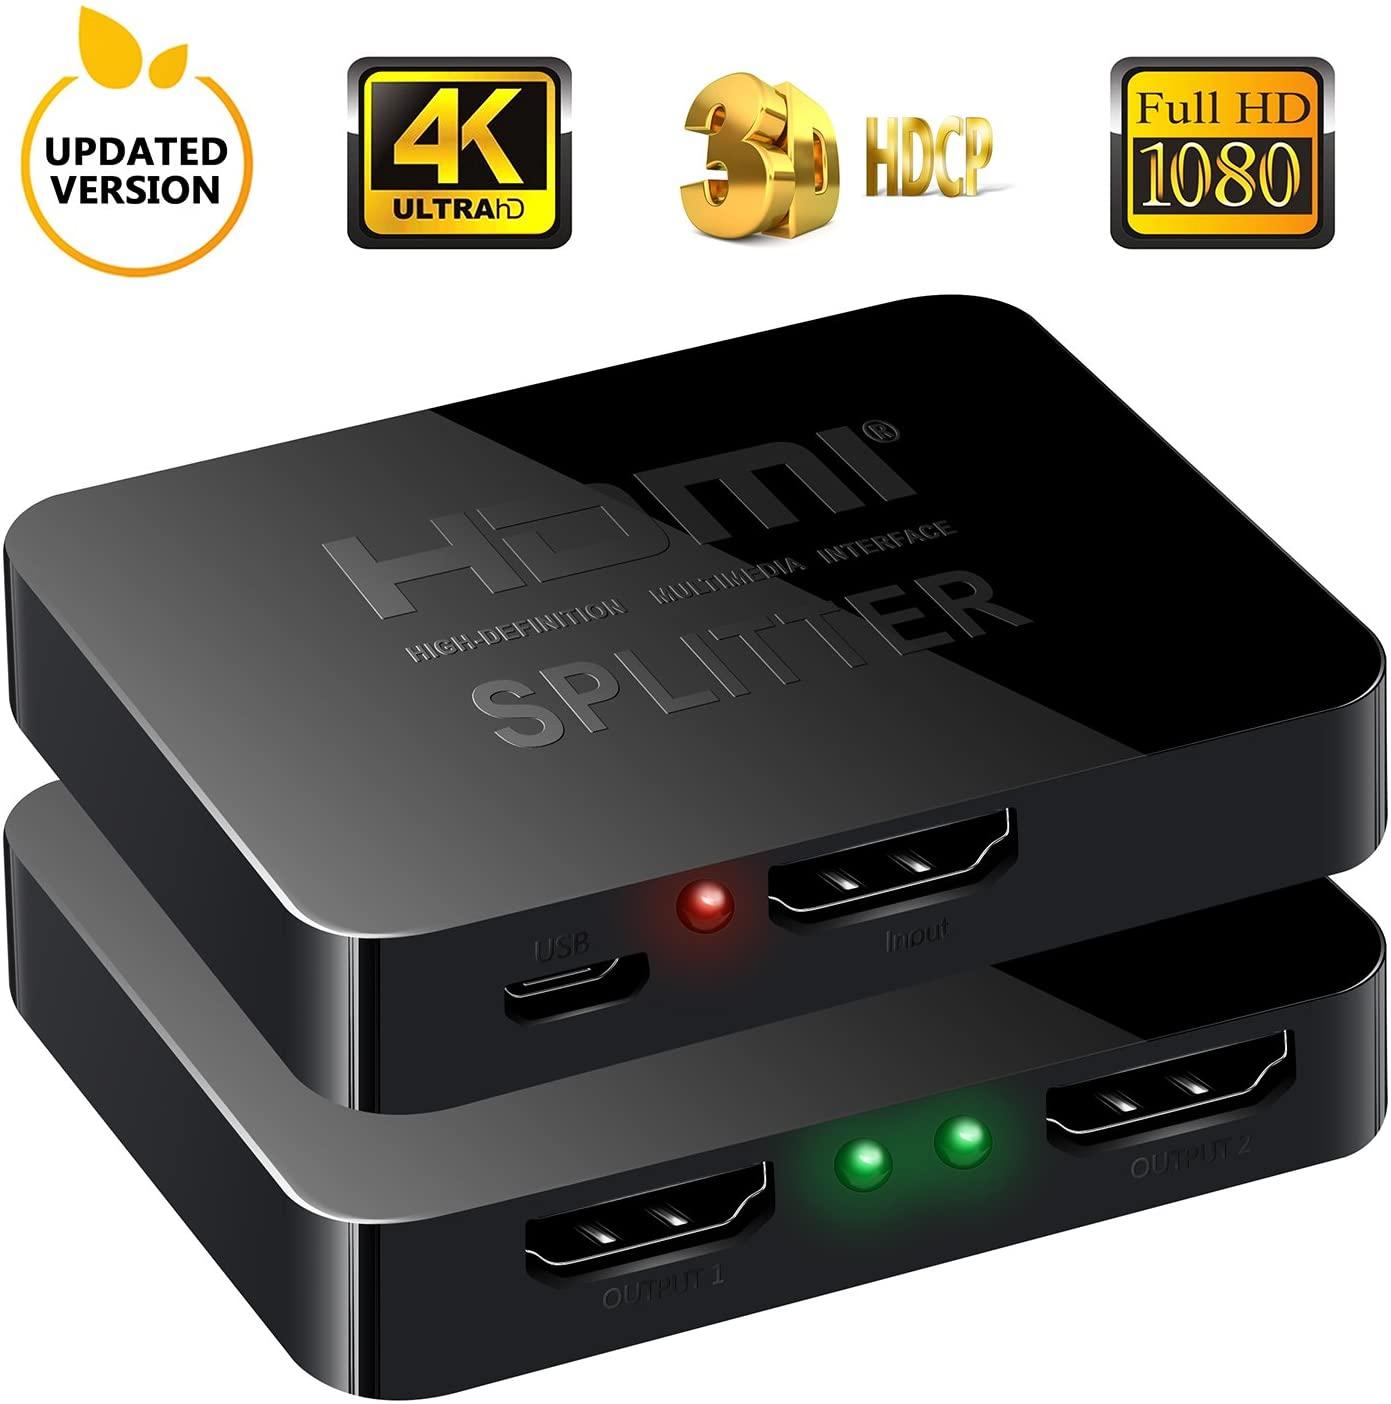 送料無料 1入力2出力 2画面同時出力可能 HDMI分配器 4K 30Hz HDMI スプリッター 2K 信用 2台同時出力 XBOX 2020 新作 2160P DVD ドライバー不要 PS4など ミニポータブル式 HDTV 3D映像対応